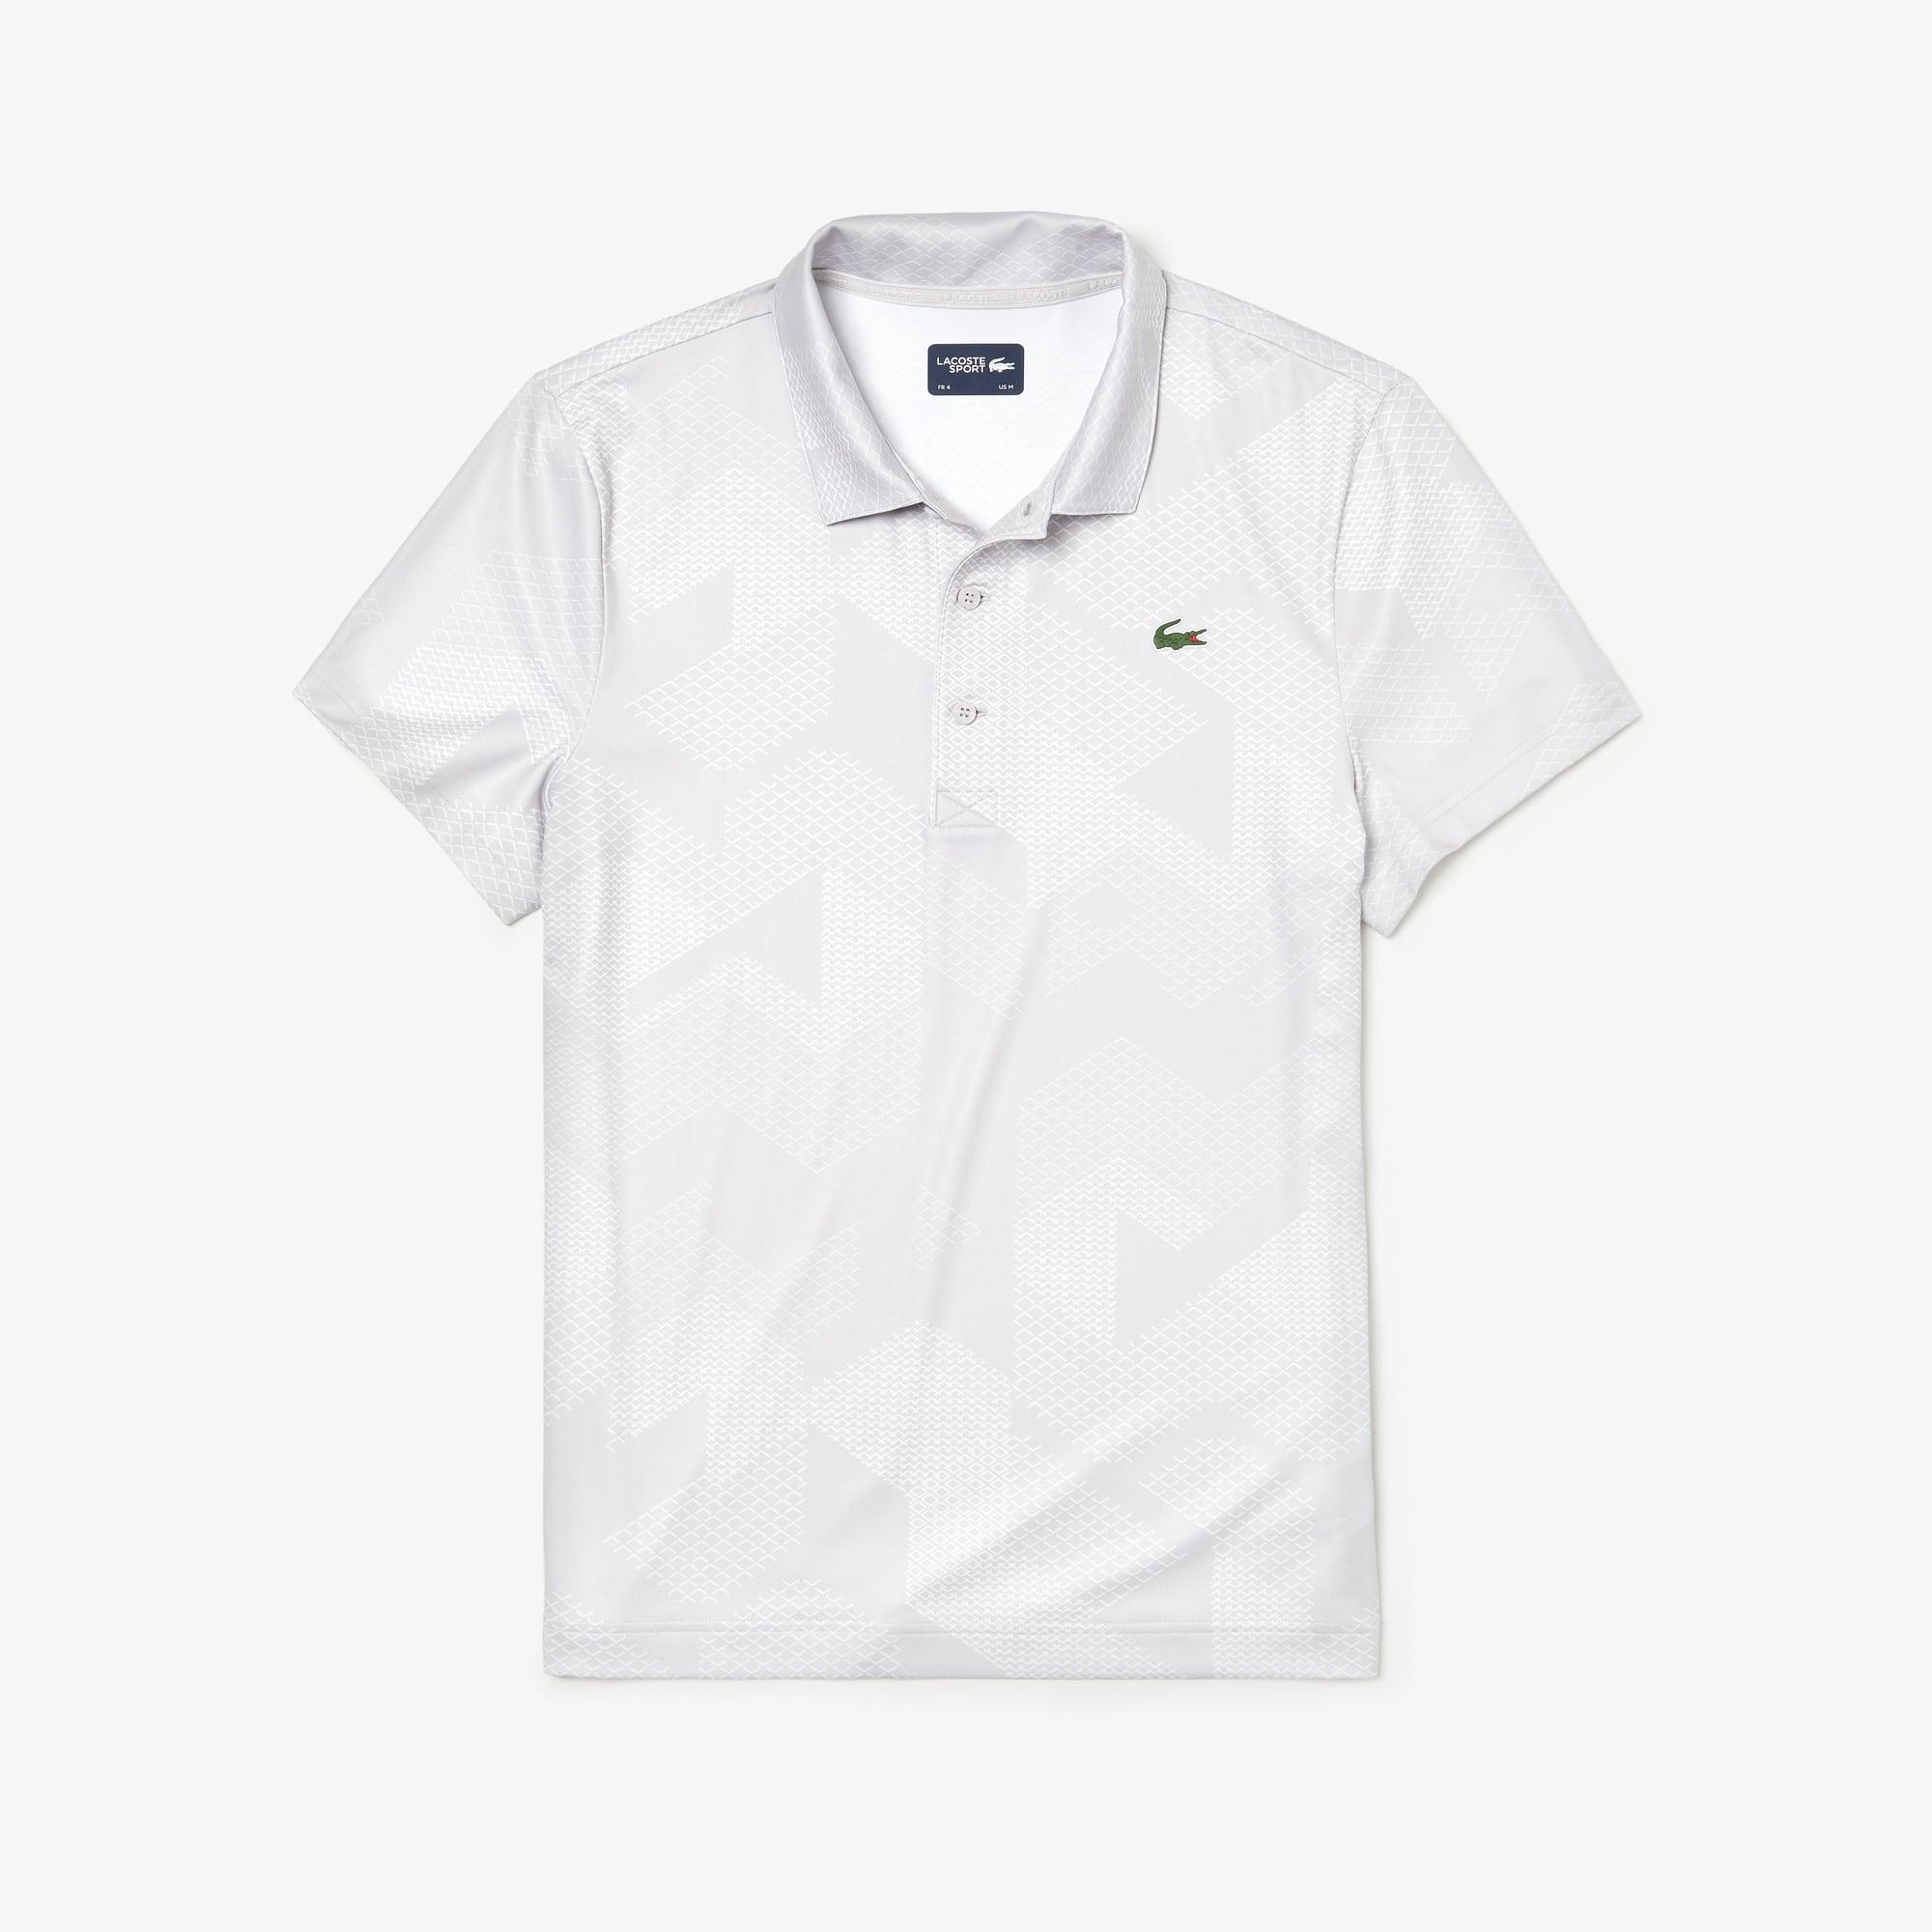 huge discount c736a 847a9 Herren Golf-Poloshirt mit Aufdruck LACOSTE SPORT